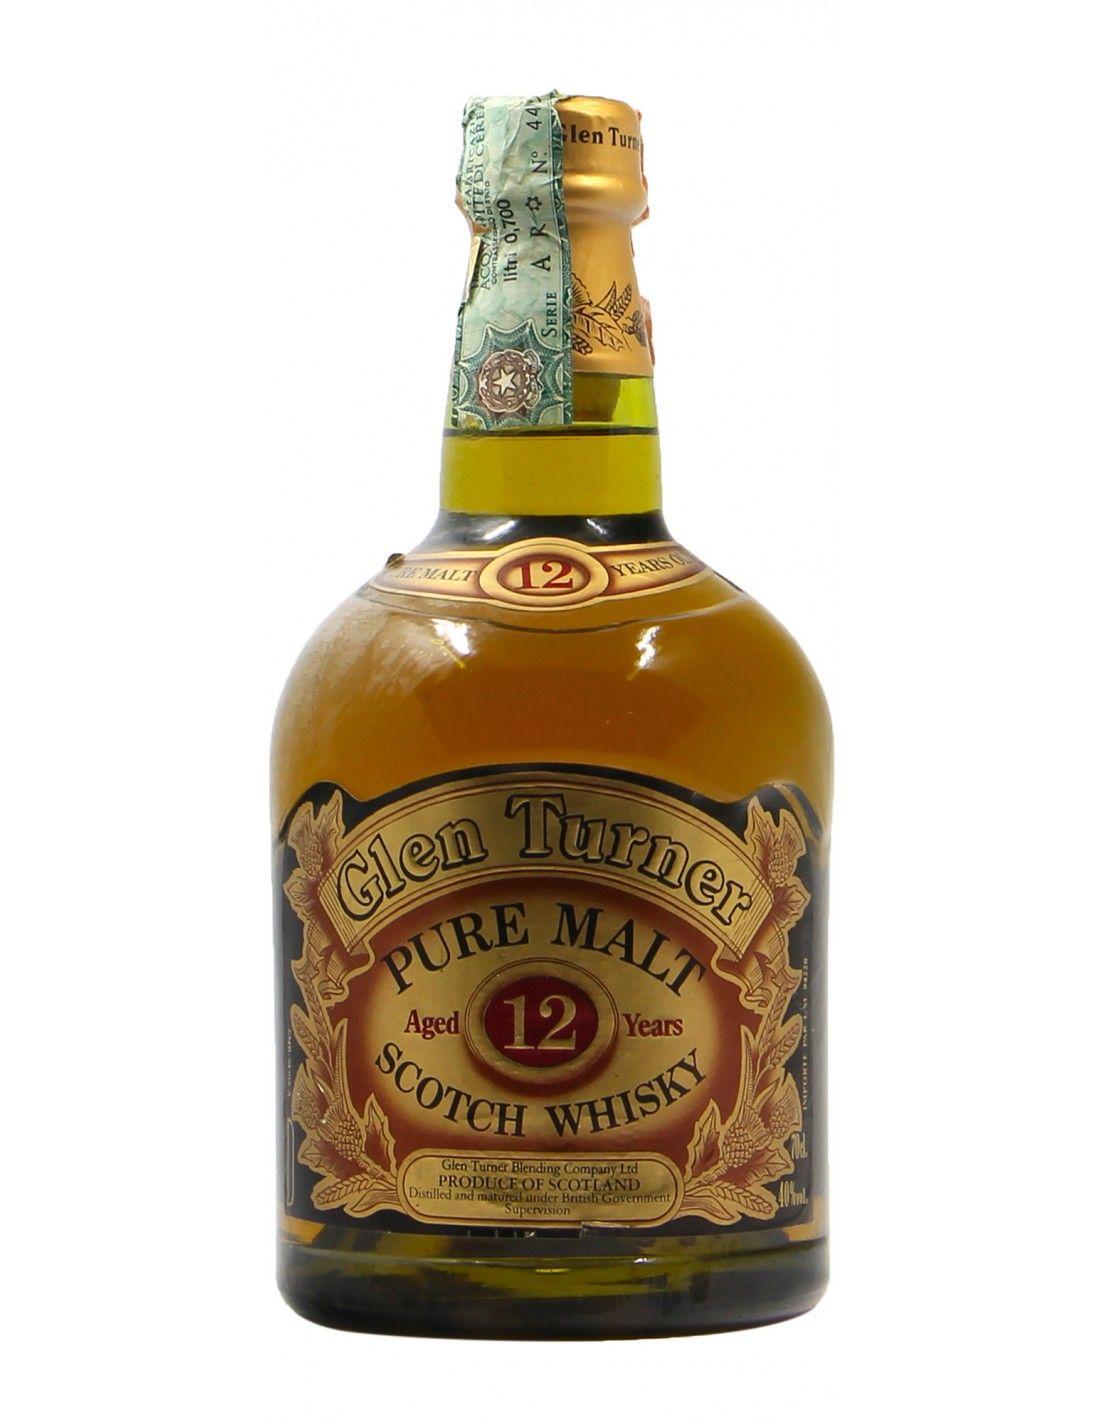 SCOTCH WHISKY PURE MALT NV GLEN TURNER Grandi Bottiglie